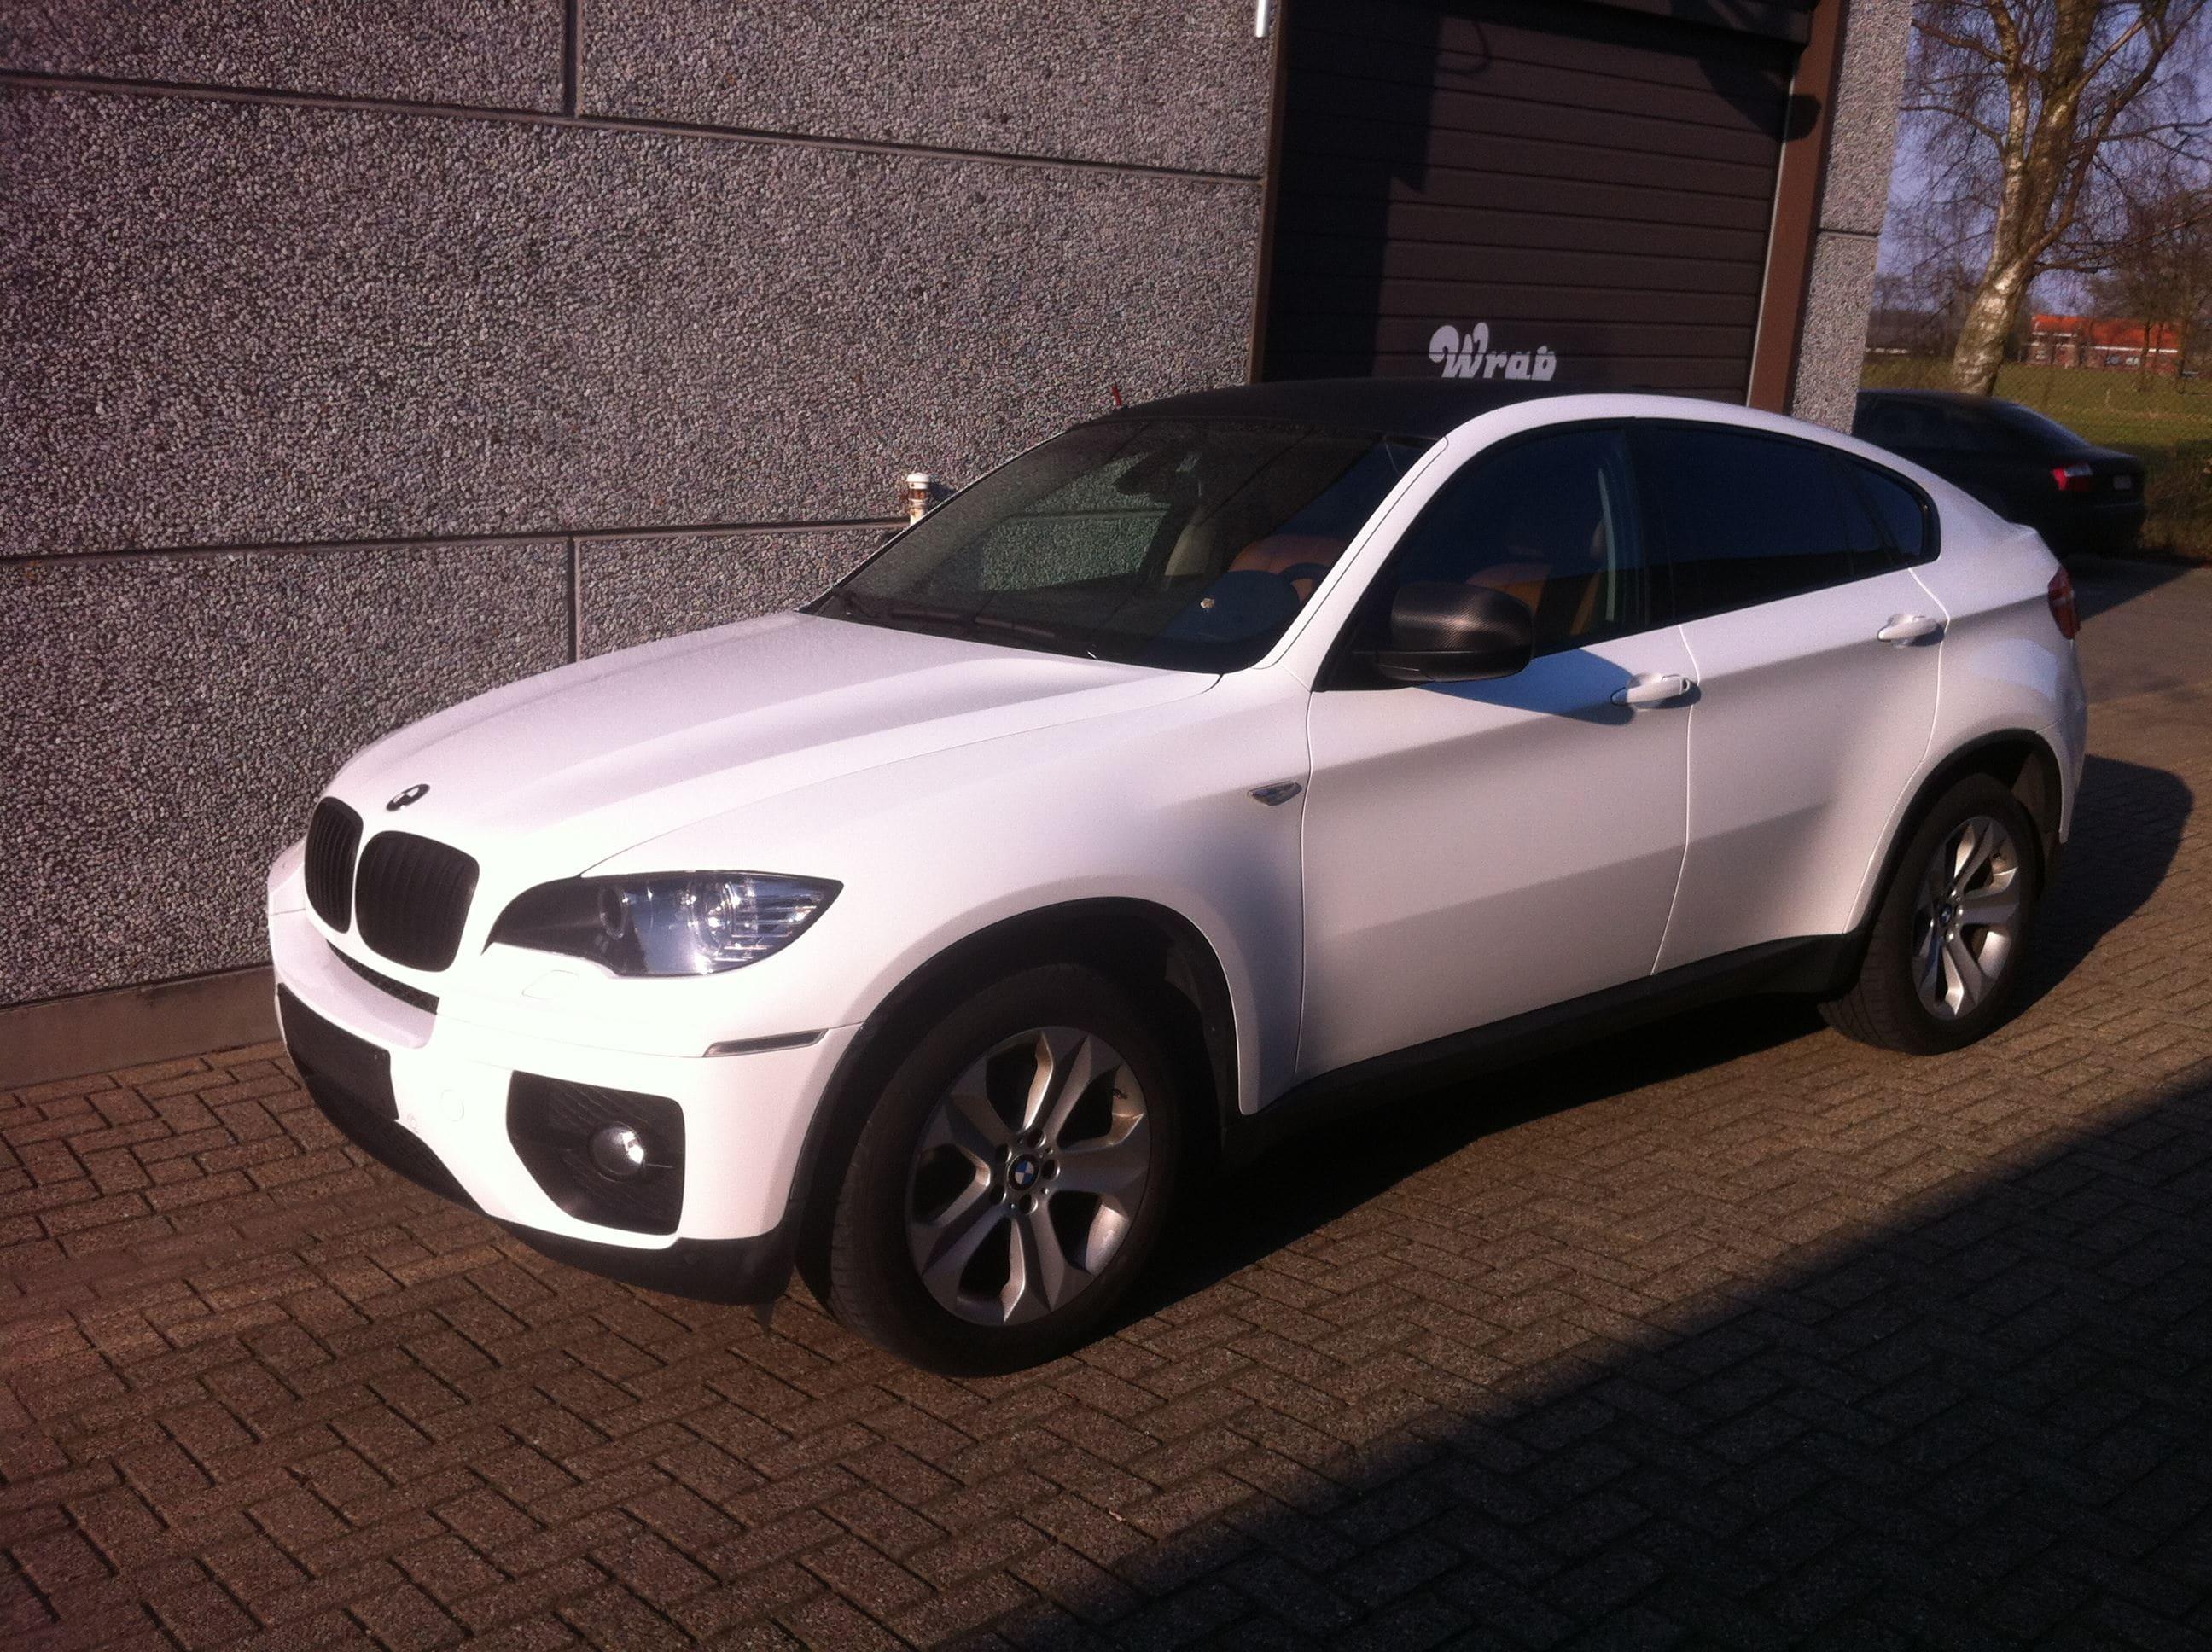 BMW X6 met Metallic Witte Wrap, Carwrapping door Wrapmyride.nu Foto-nr:5506, ©2020